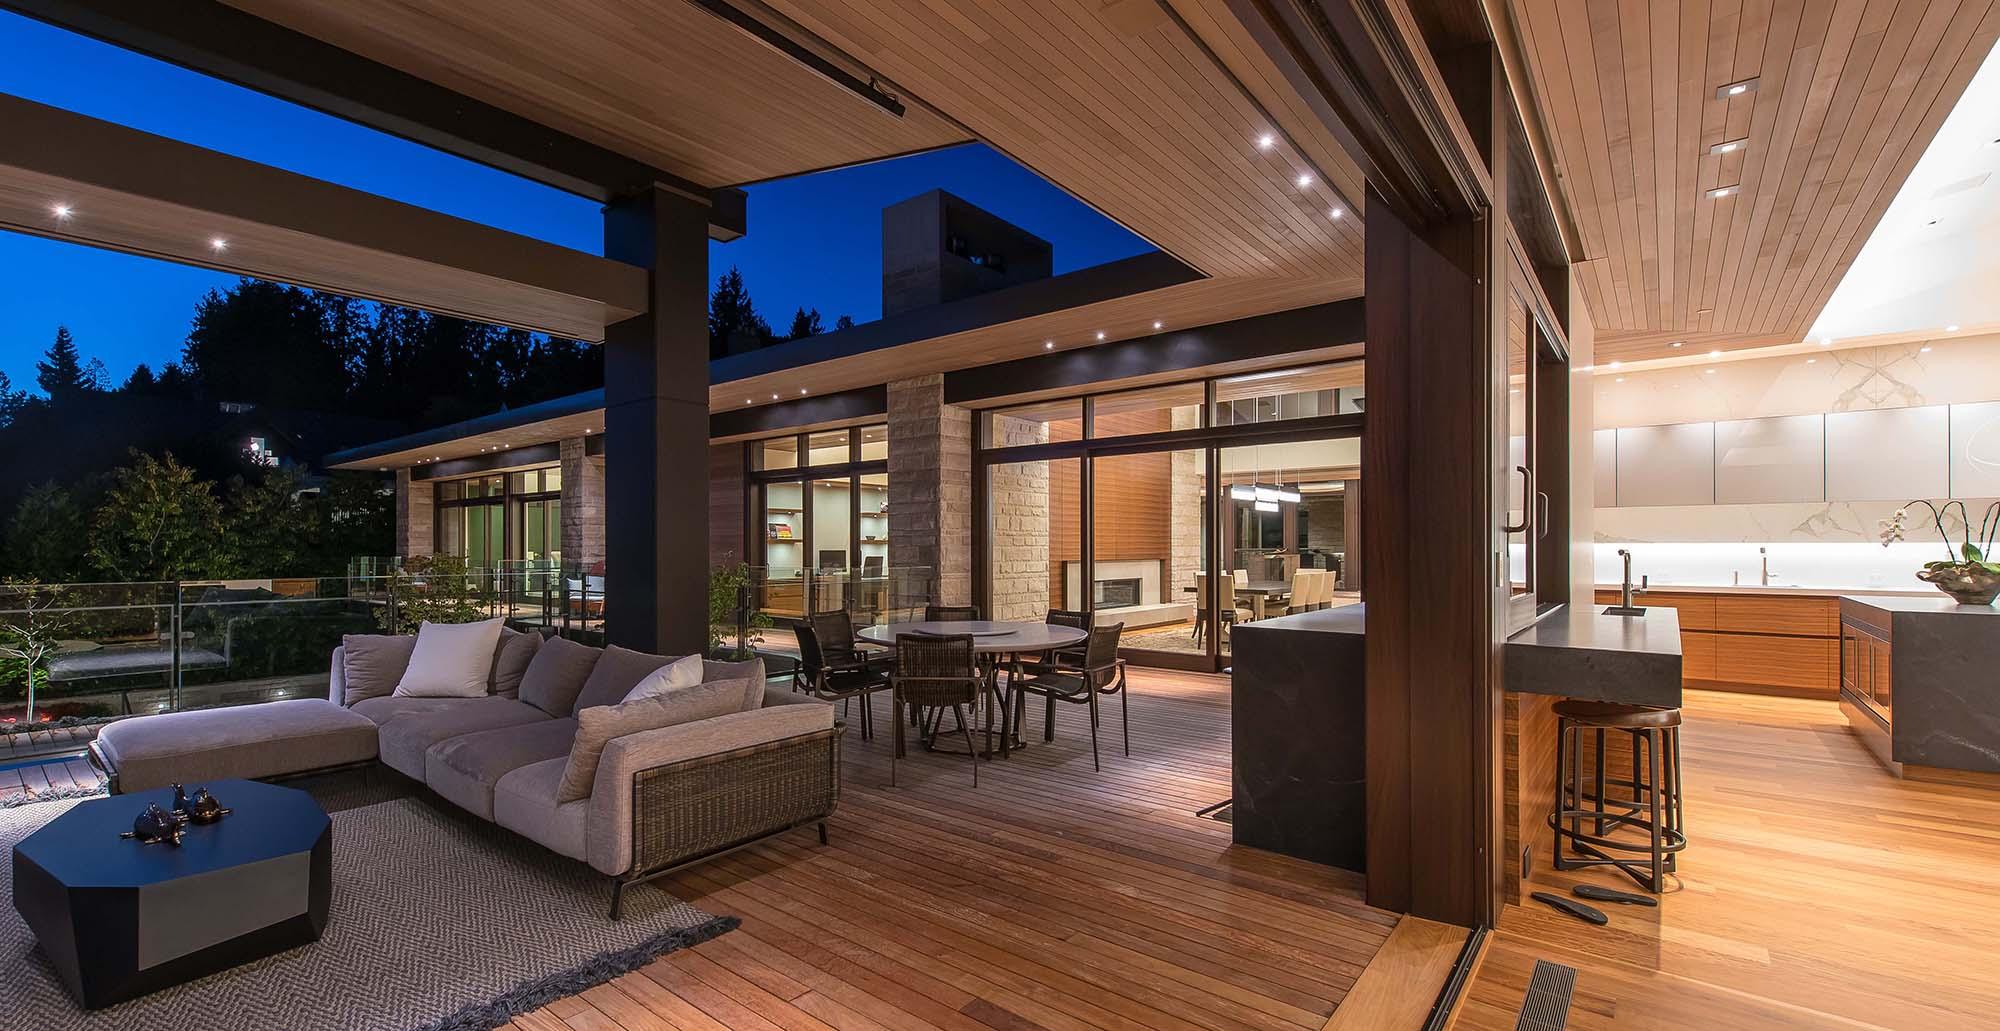 indoor outdoor patio stone veneer exterior modern dream home design buechel stone